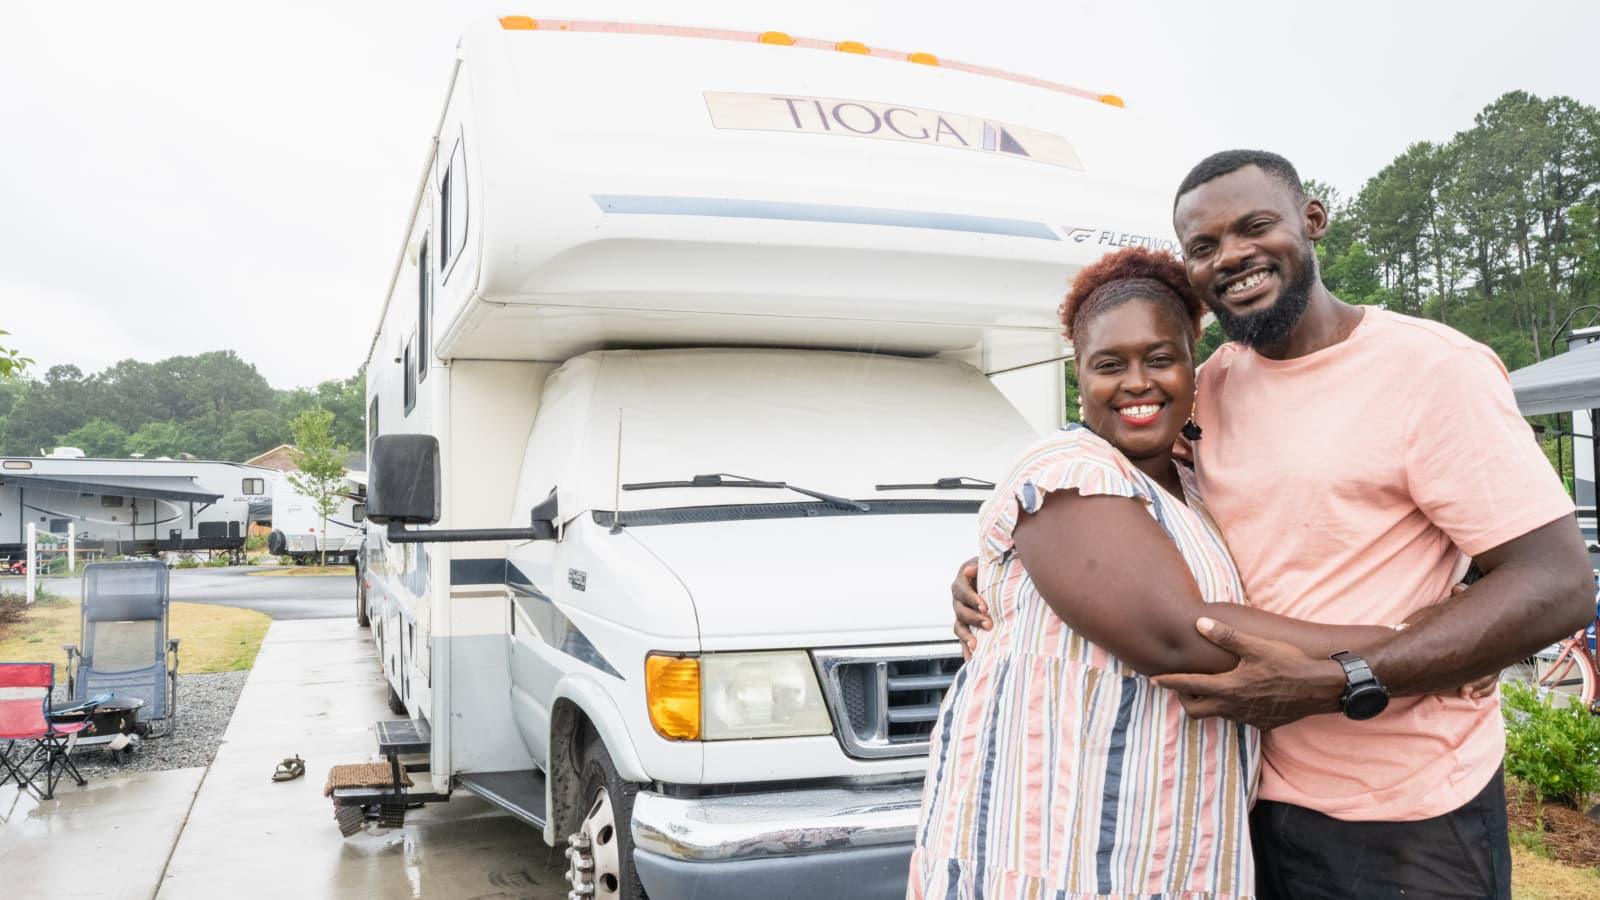 Bán nhà để ở trên xe di động, cặp vợ chồng có cuộc sống trải nghiệm ai cũng mơ ước còn mang về thu nhập 1,8 tỷ/năm - Ảnh 2.